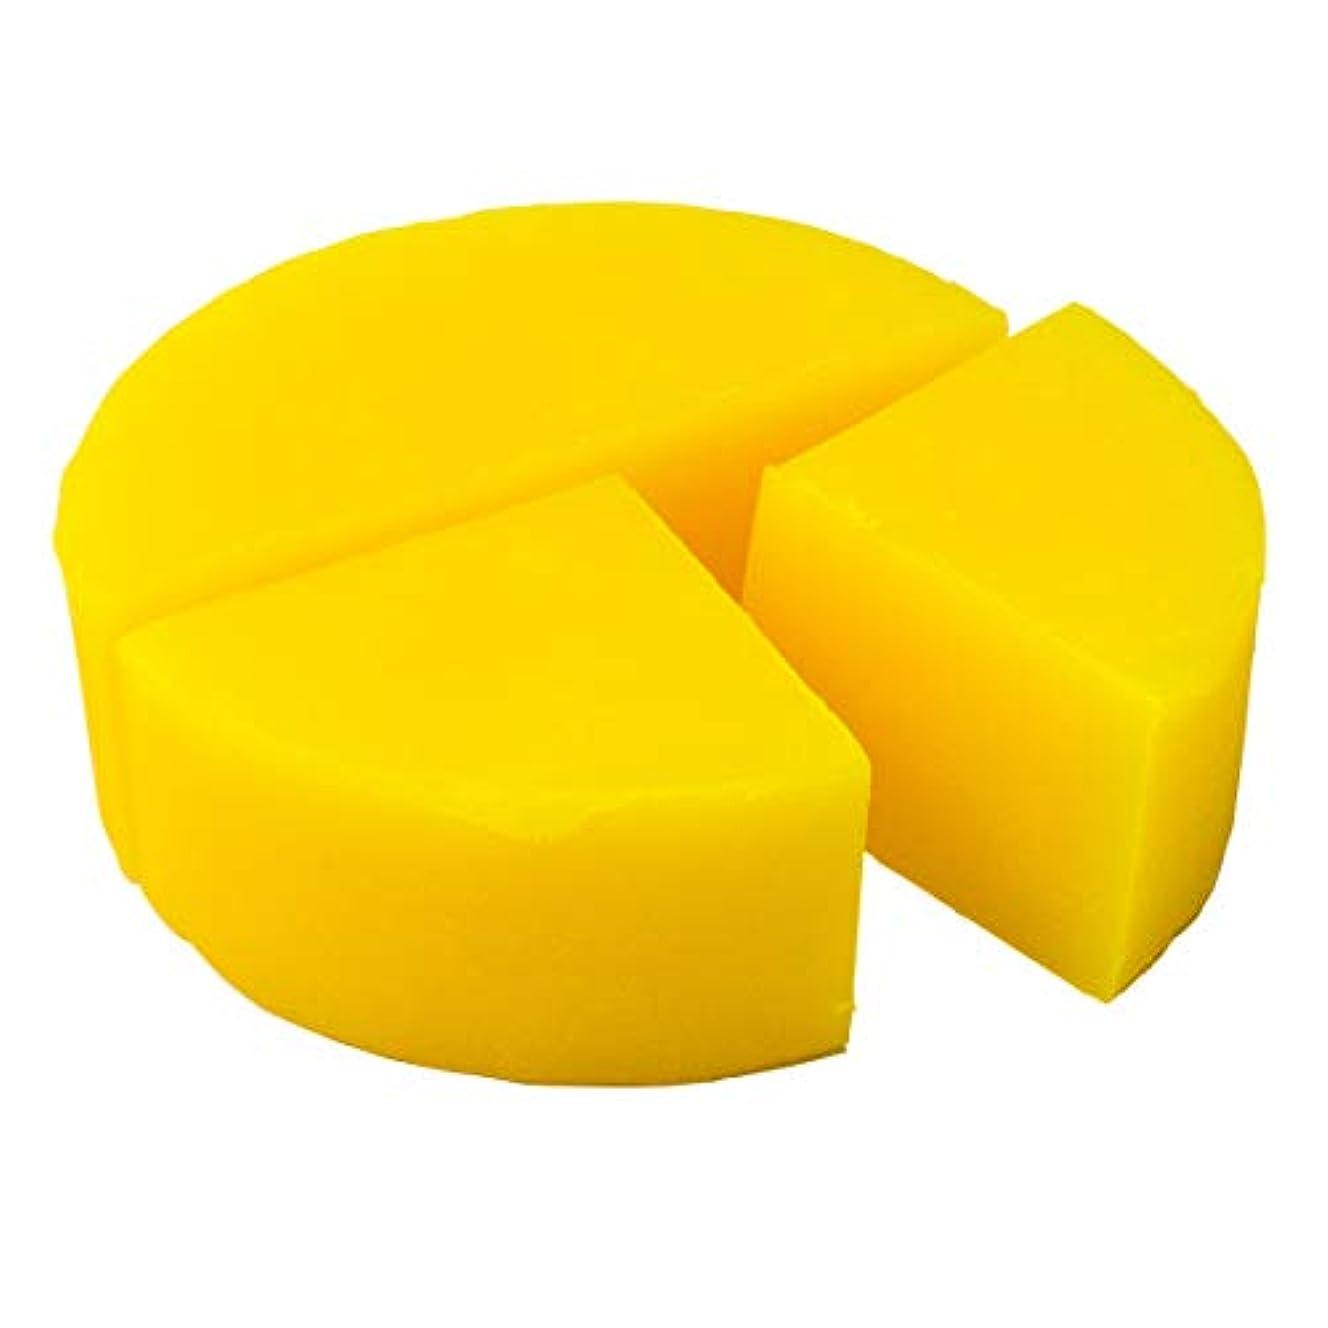 ワイドトーストアラームグリセリン クリアソープ 色チップ 黄 100g (MPソープ)